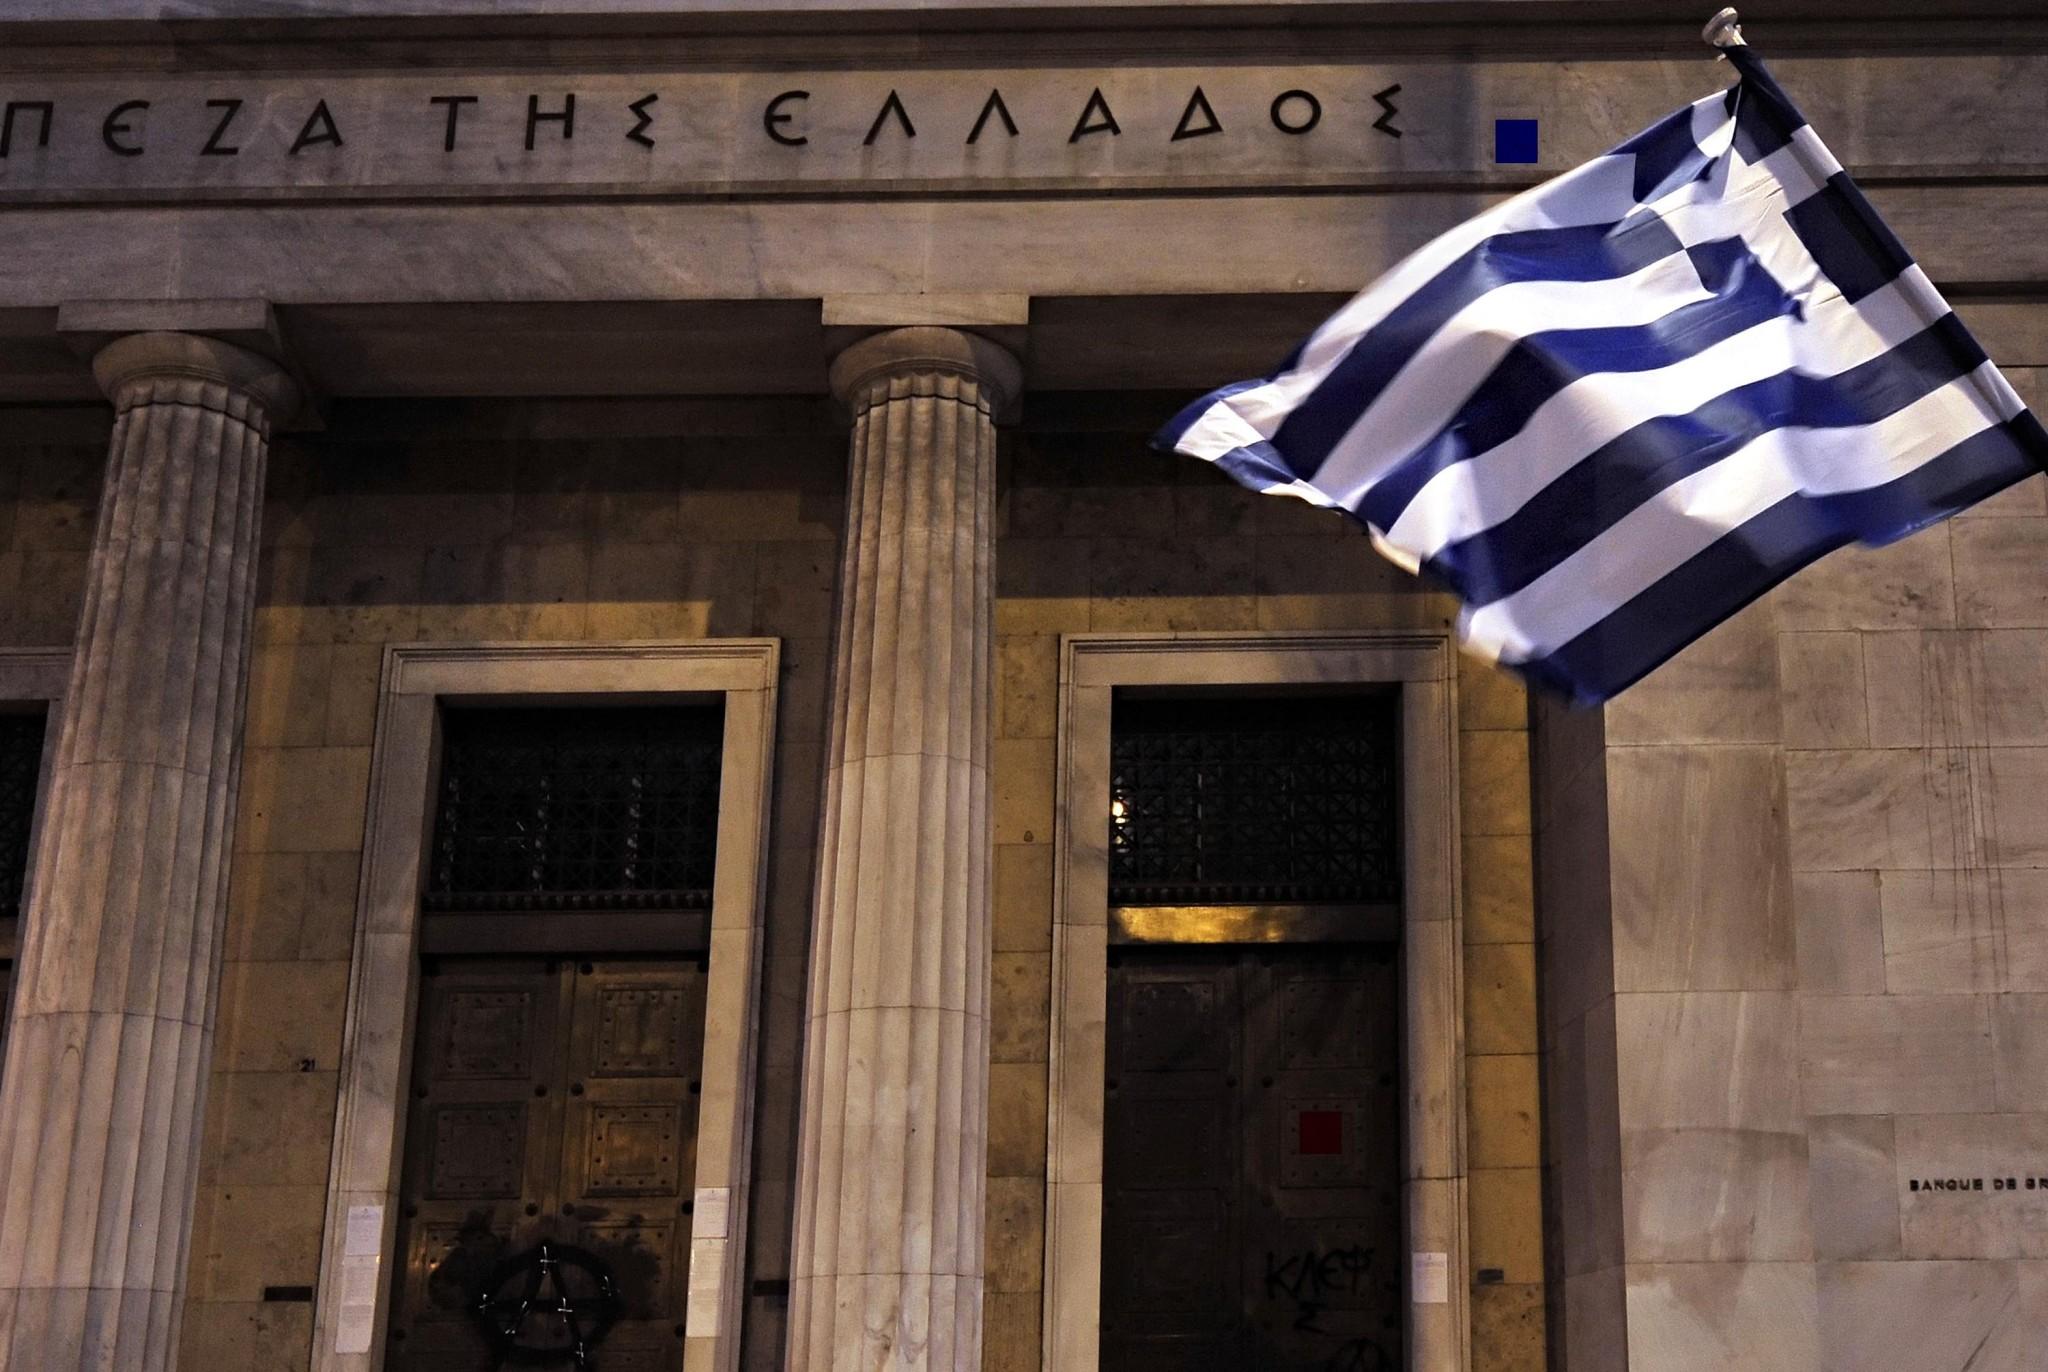 مصارف اليونان تعيد فتح أبوابها غدا الإثنين